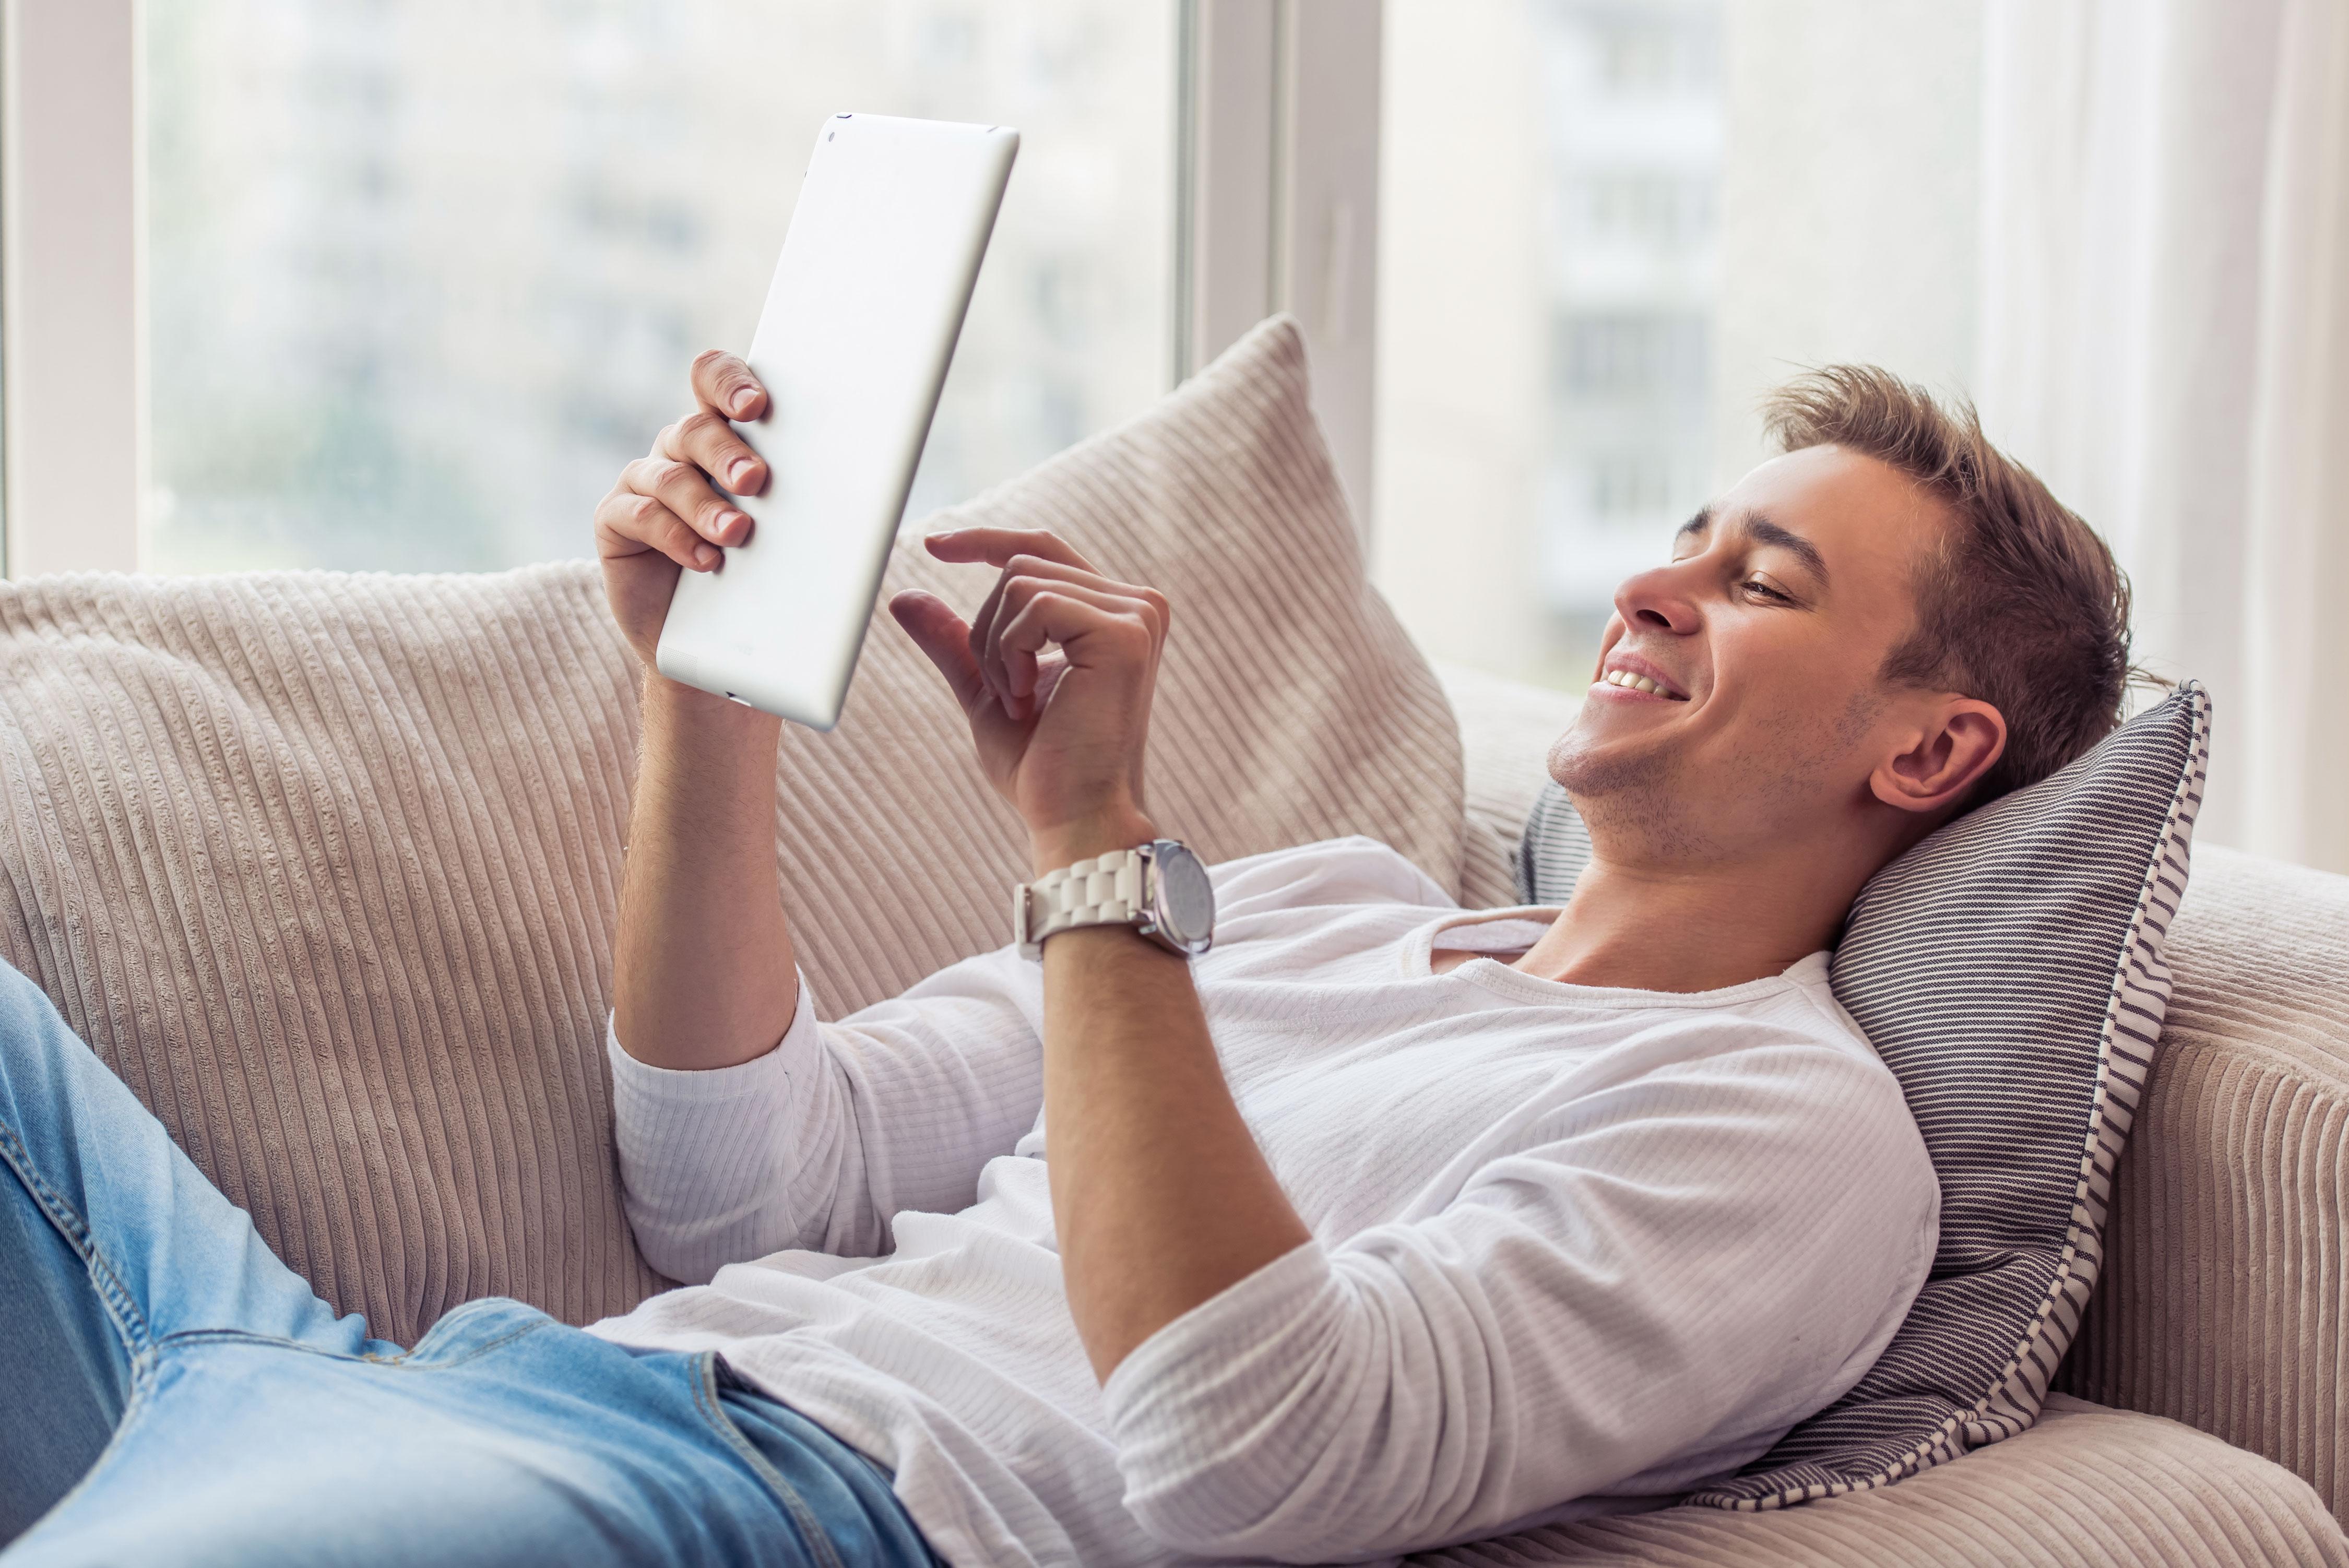 Junger lächelnder Mann auf dem Sofa liegend mit Tablet in der Hand